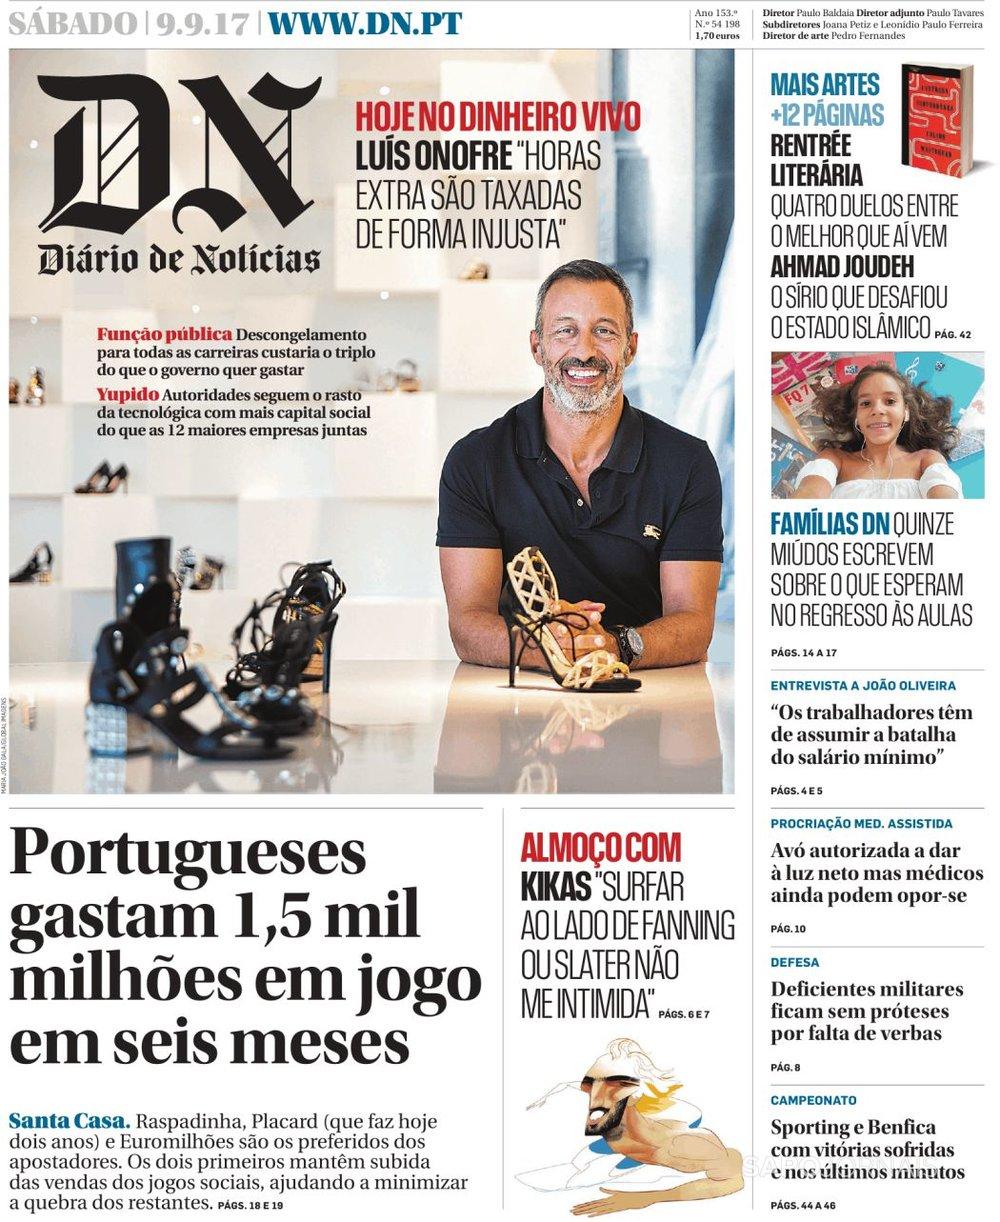 DIÁRIO DE NOTÍCIAS - PORTUGAL